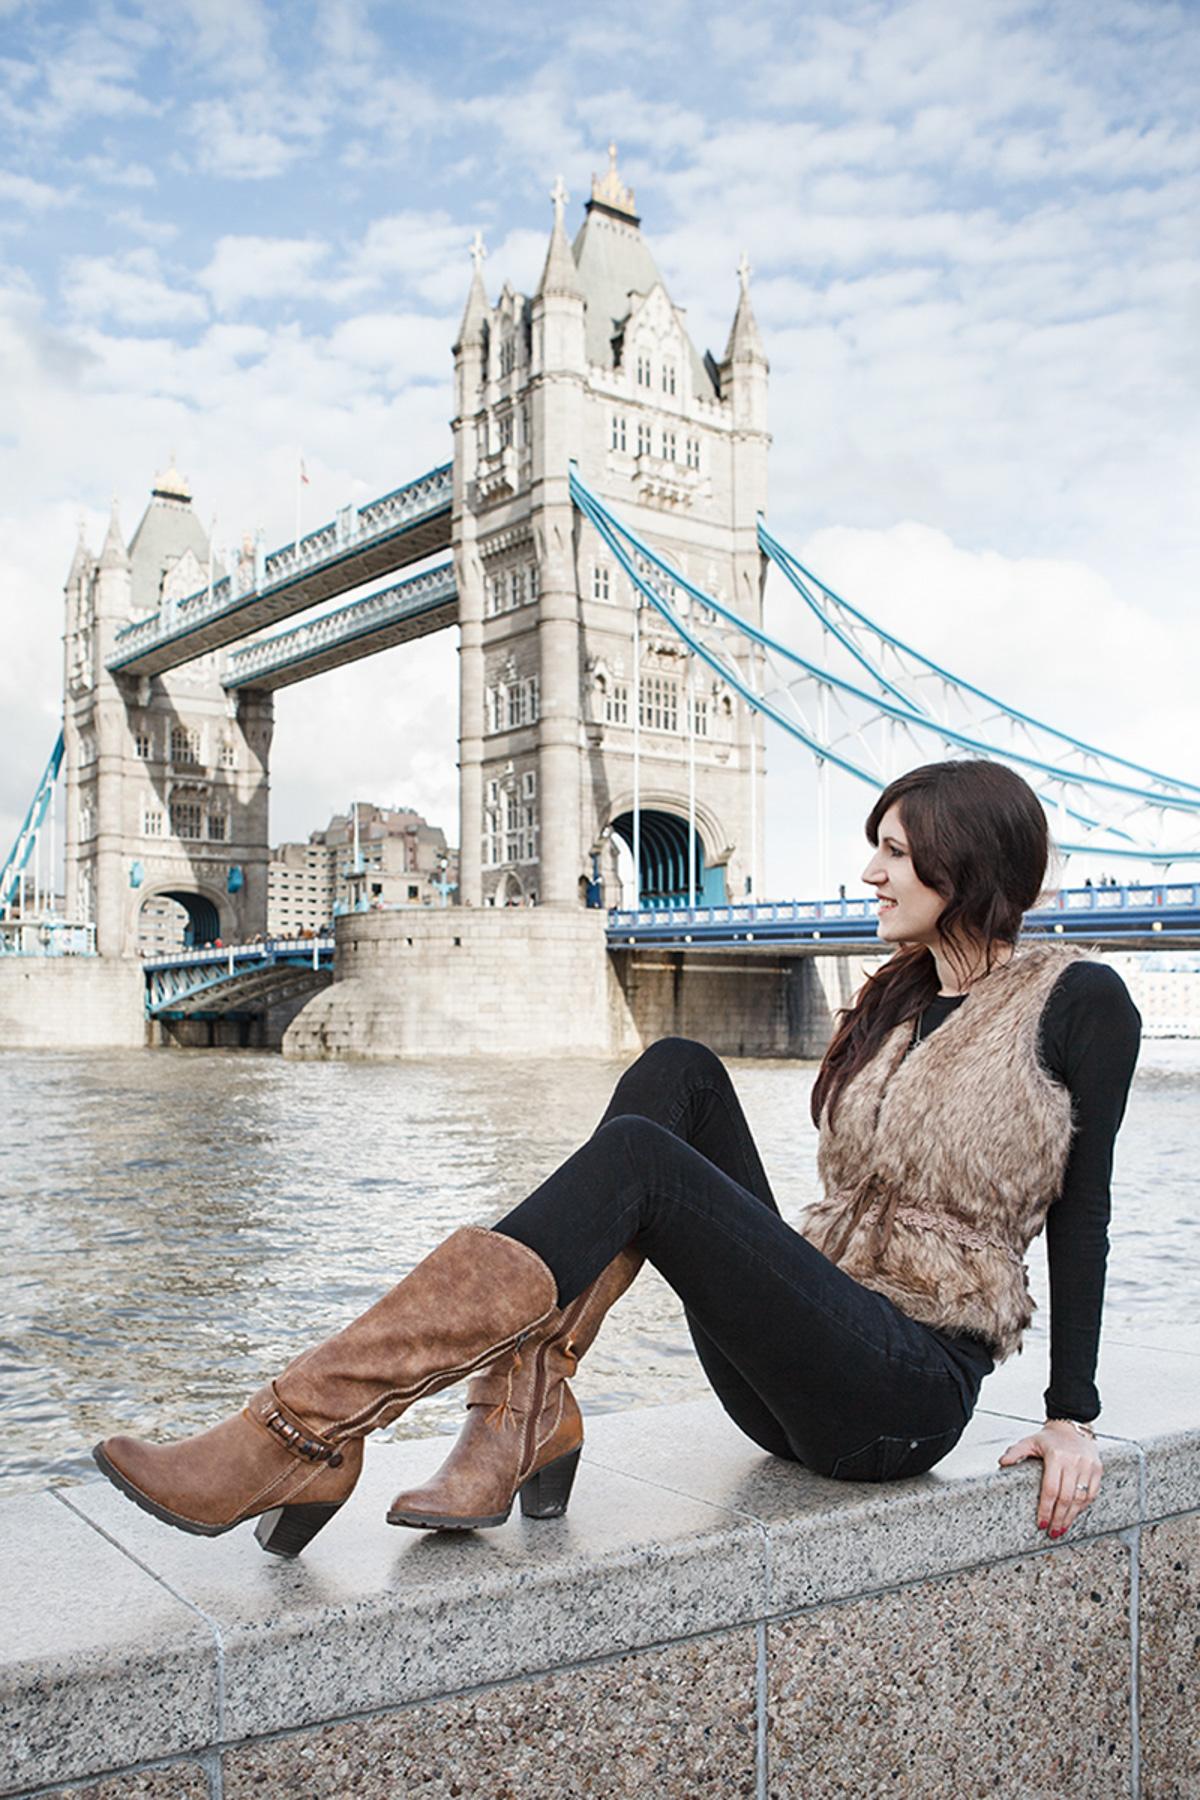 London, Travel, Tower Bridge, Reisebericht, Reiseblogger, Fashionblogger, Hannover